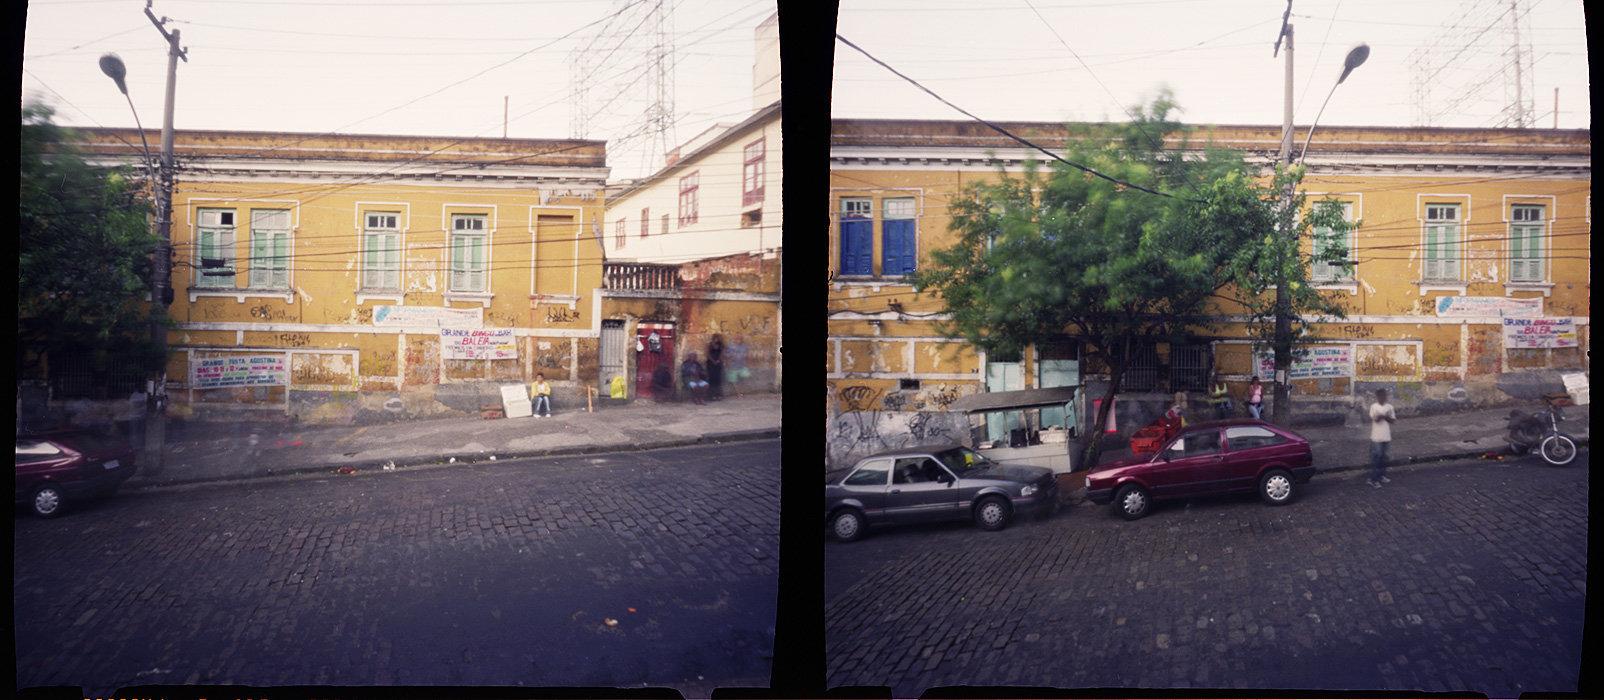 Favela, Observations 1